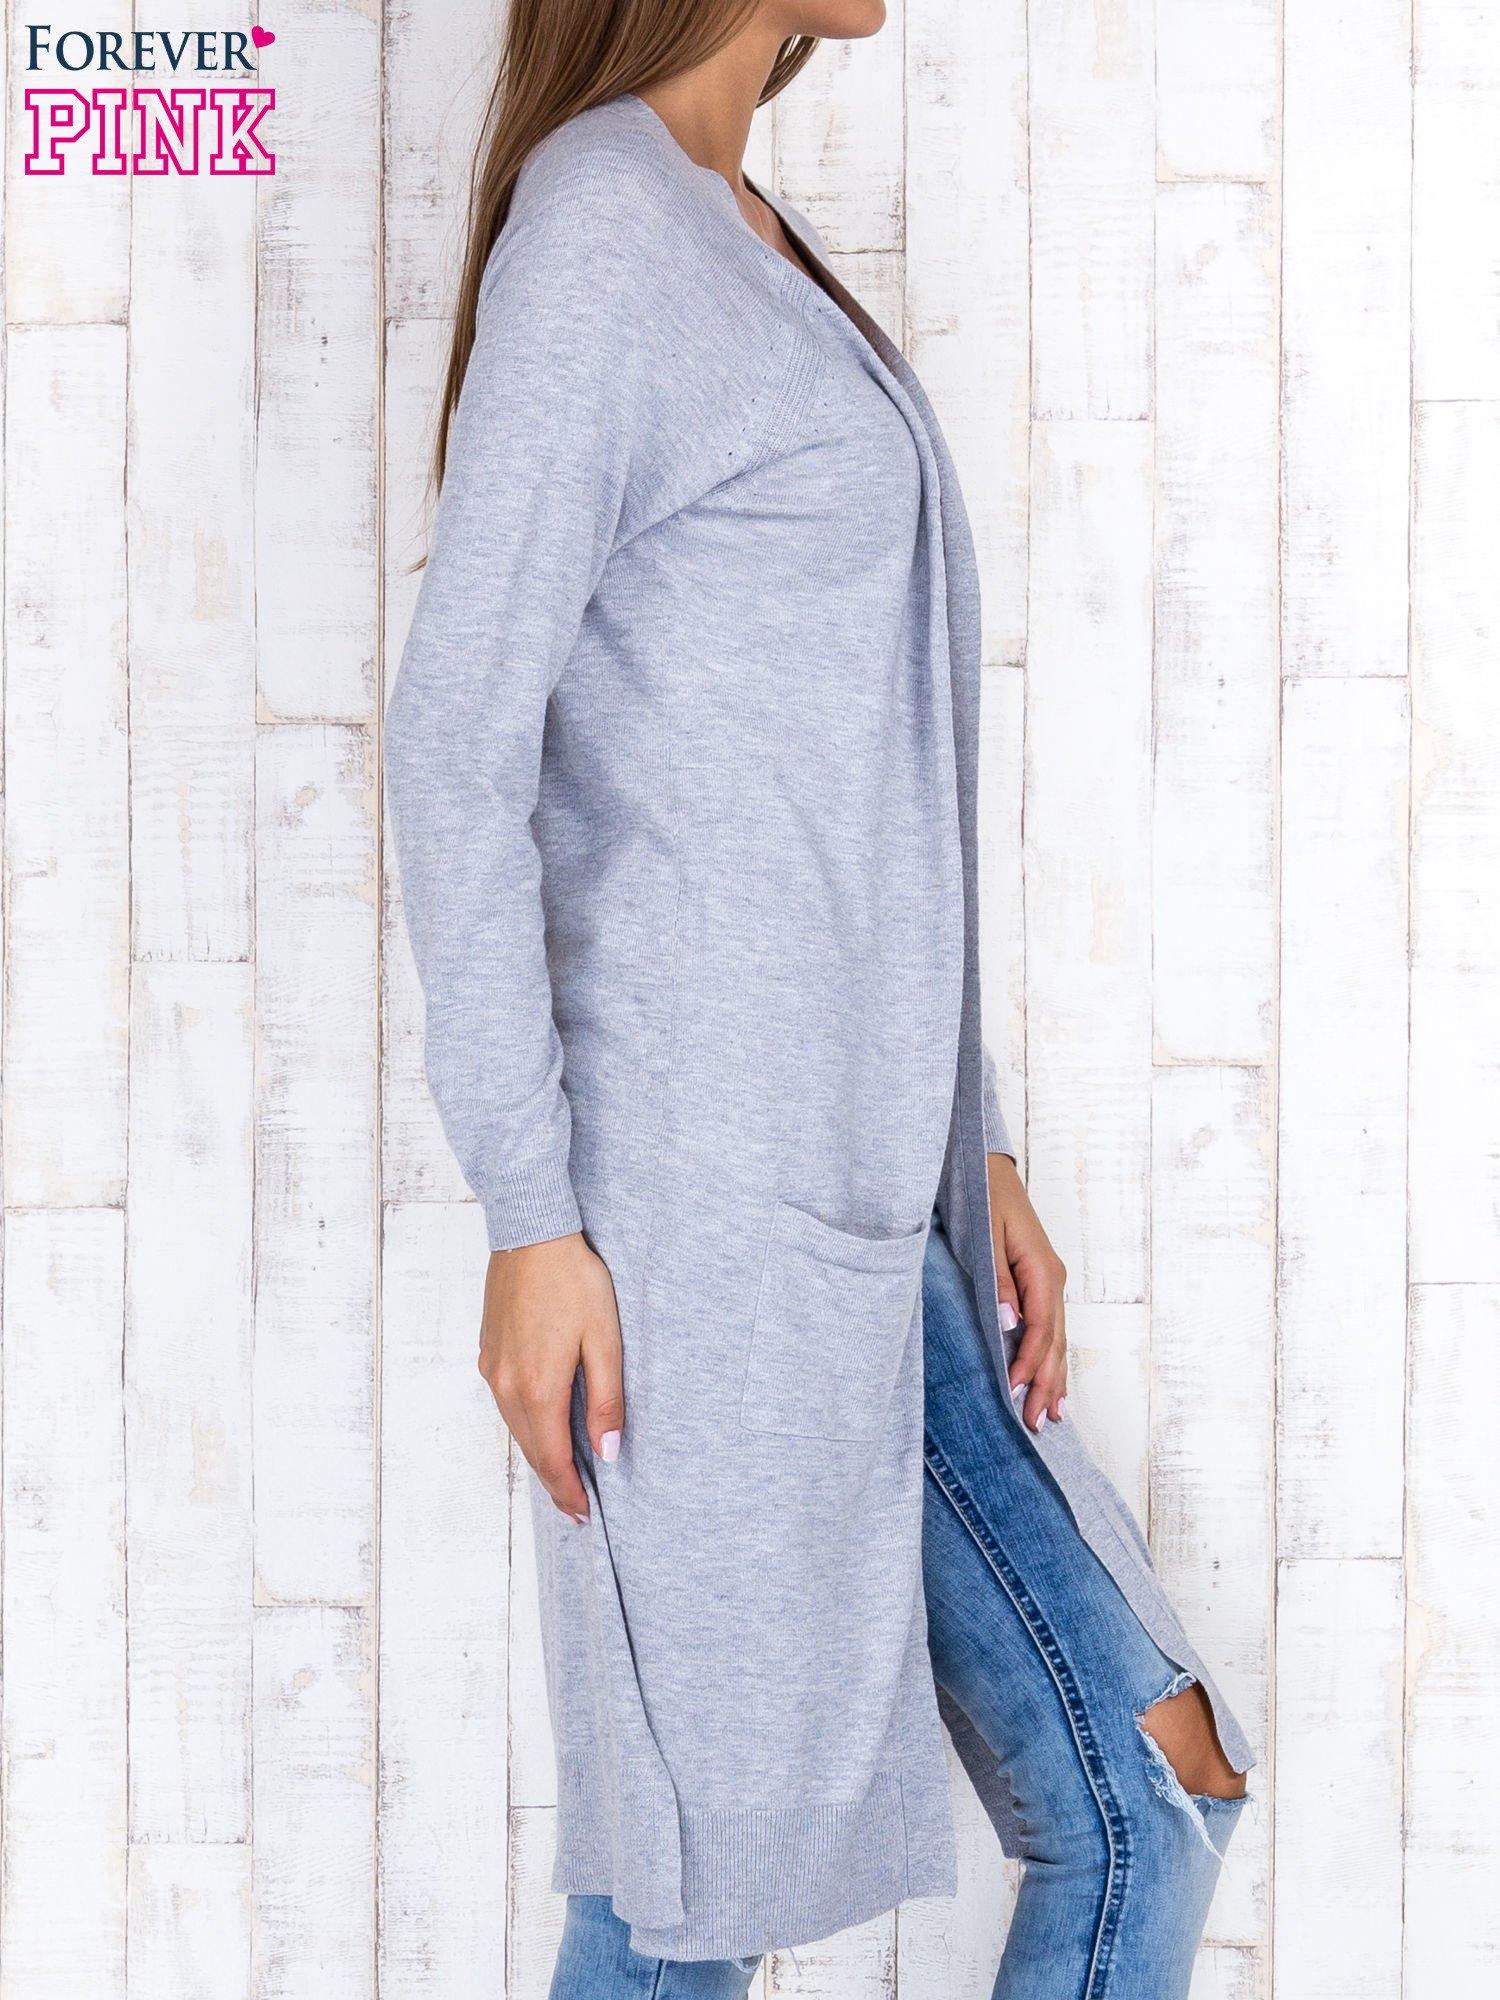 Szary długi sweter z ażurowym zdobieniem szwów                                  zdj.                                  3